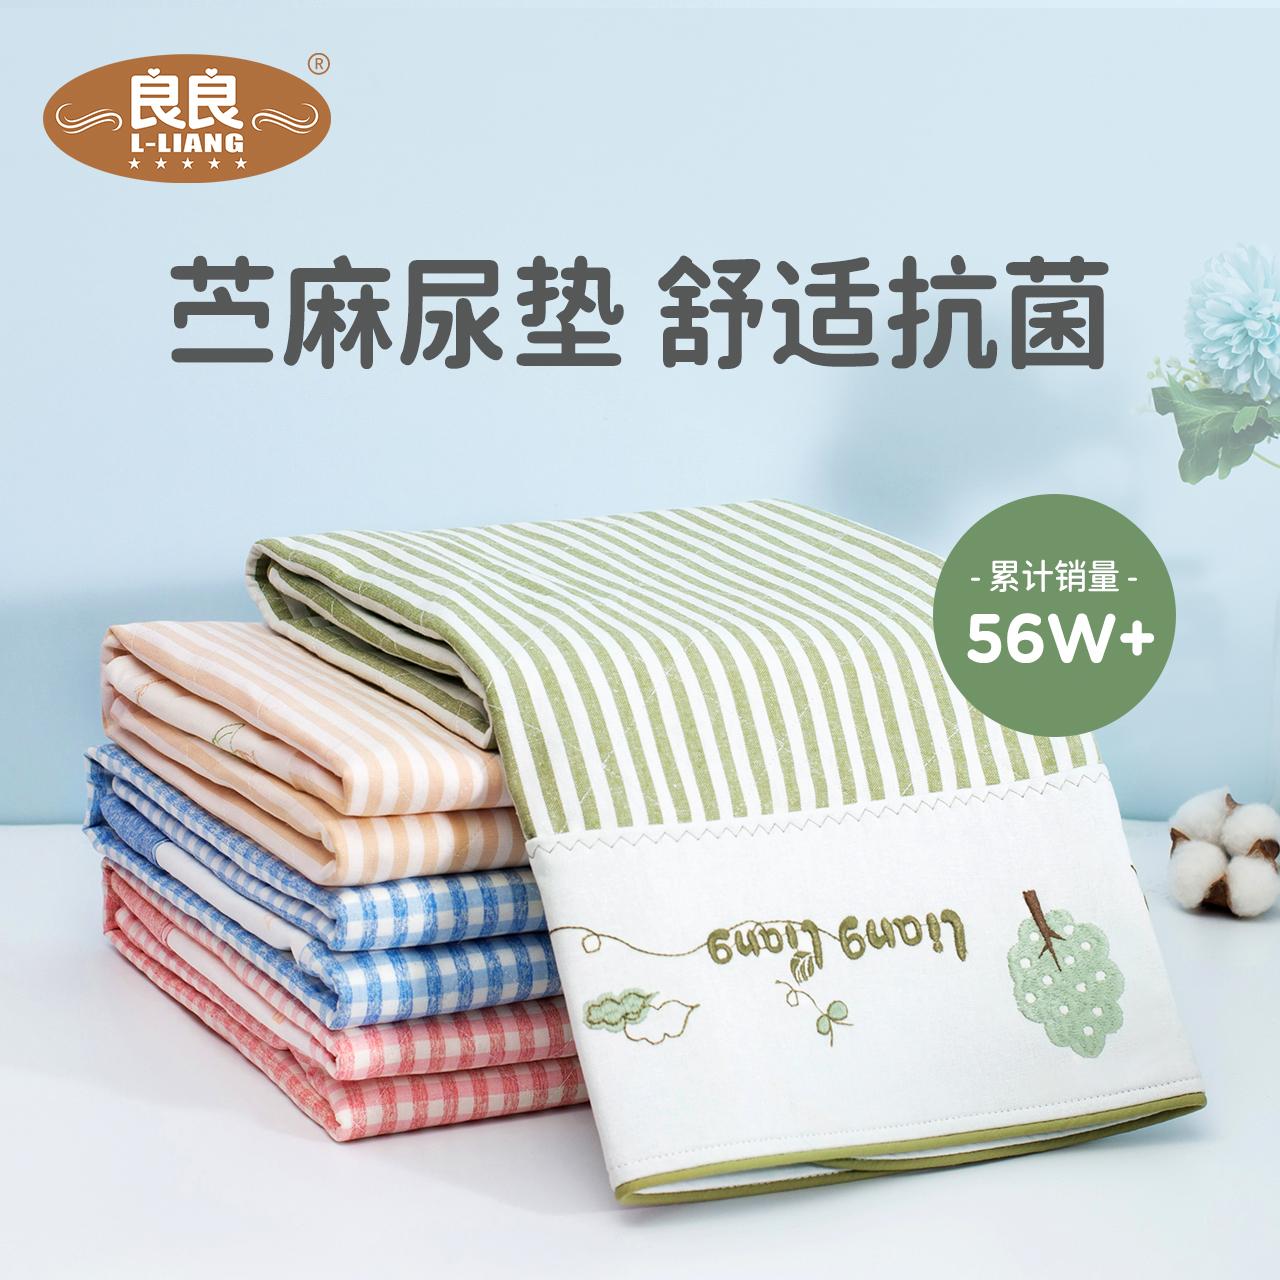 良良隔尿垫麻棉婴儿尿垫防水透气可洗新生儿用品宝宝隔尿护理床垫